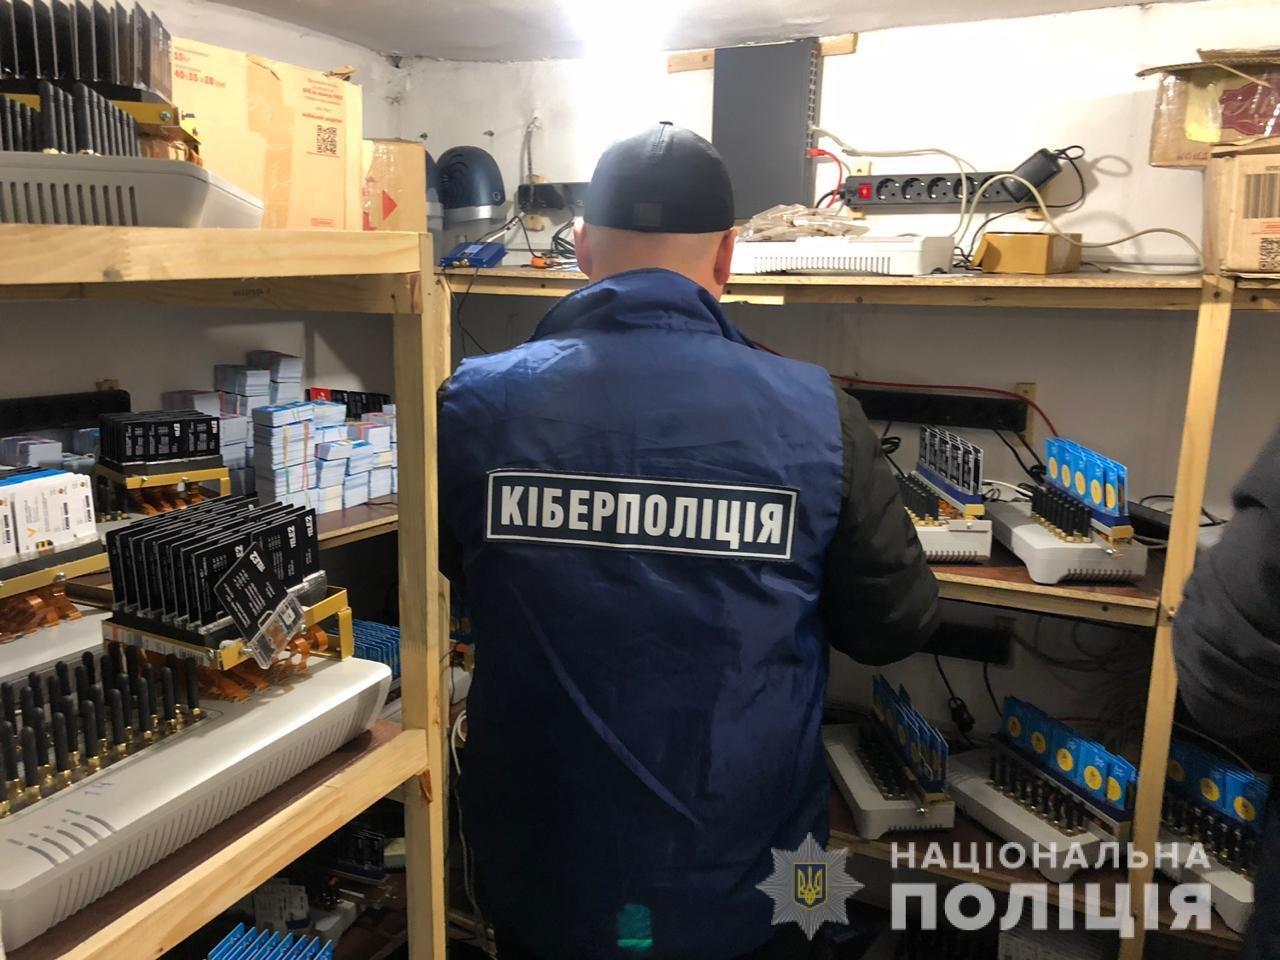 Кіберполіція викрила сервіс, що розсилав повідомлення про замінування та шахрайський спам по Україні, фото-5